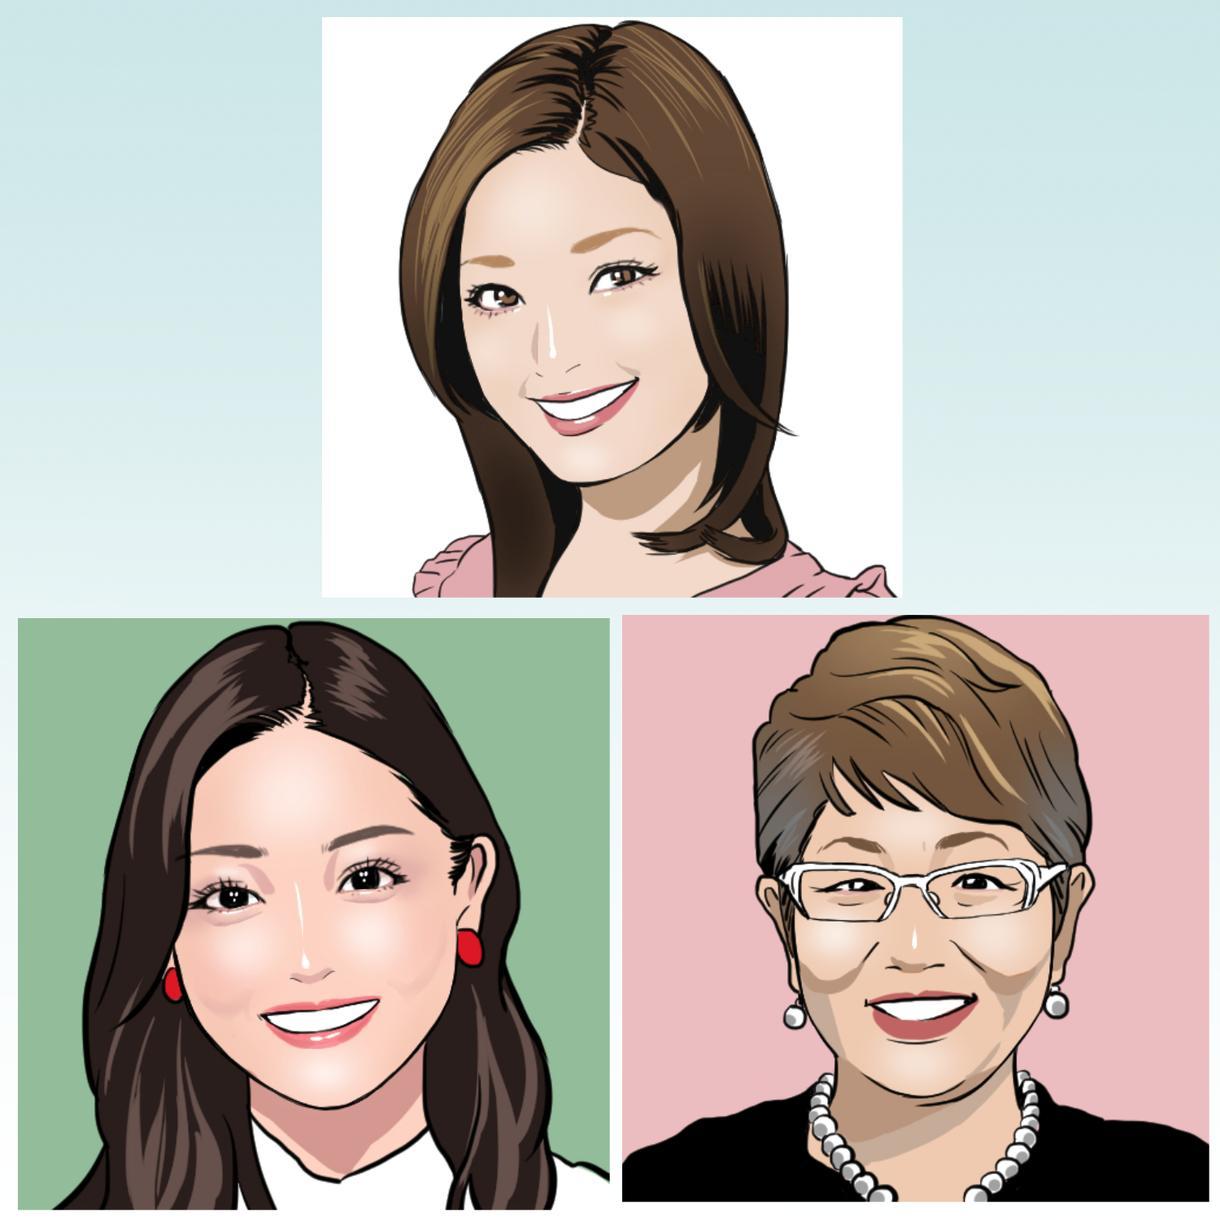 あなたのお写真通りに似顔絵をお描きします 名刺などビジネス用、SNSのアイコン用など幅広く活用可能